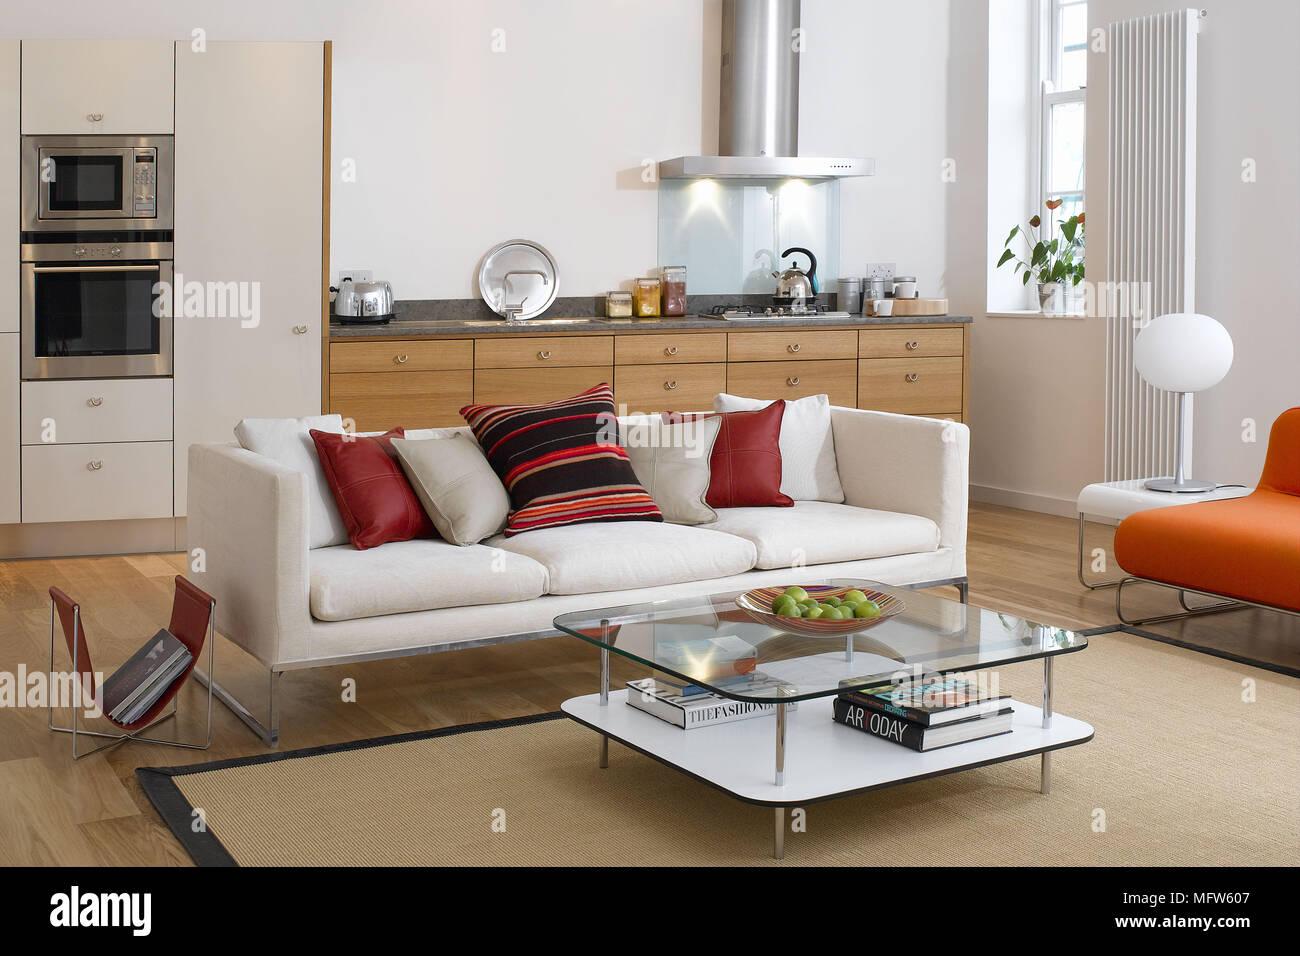 Moderne offene Küche und Wohnzimmer mit Sofa und Couchtisch ...